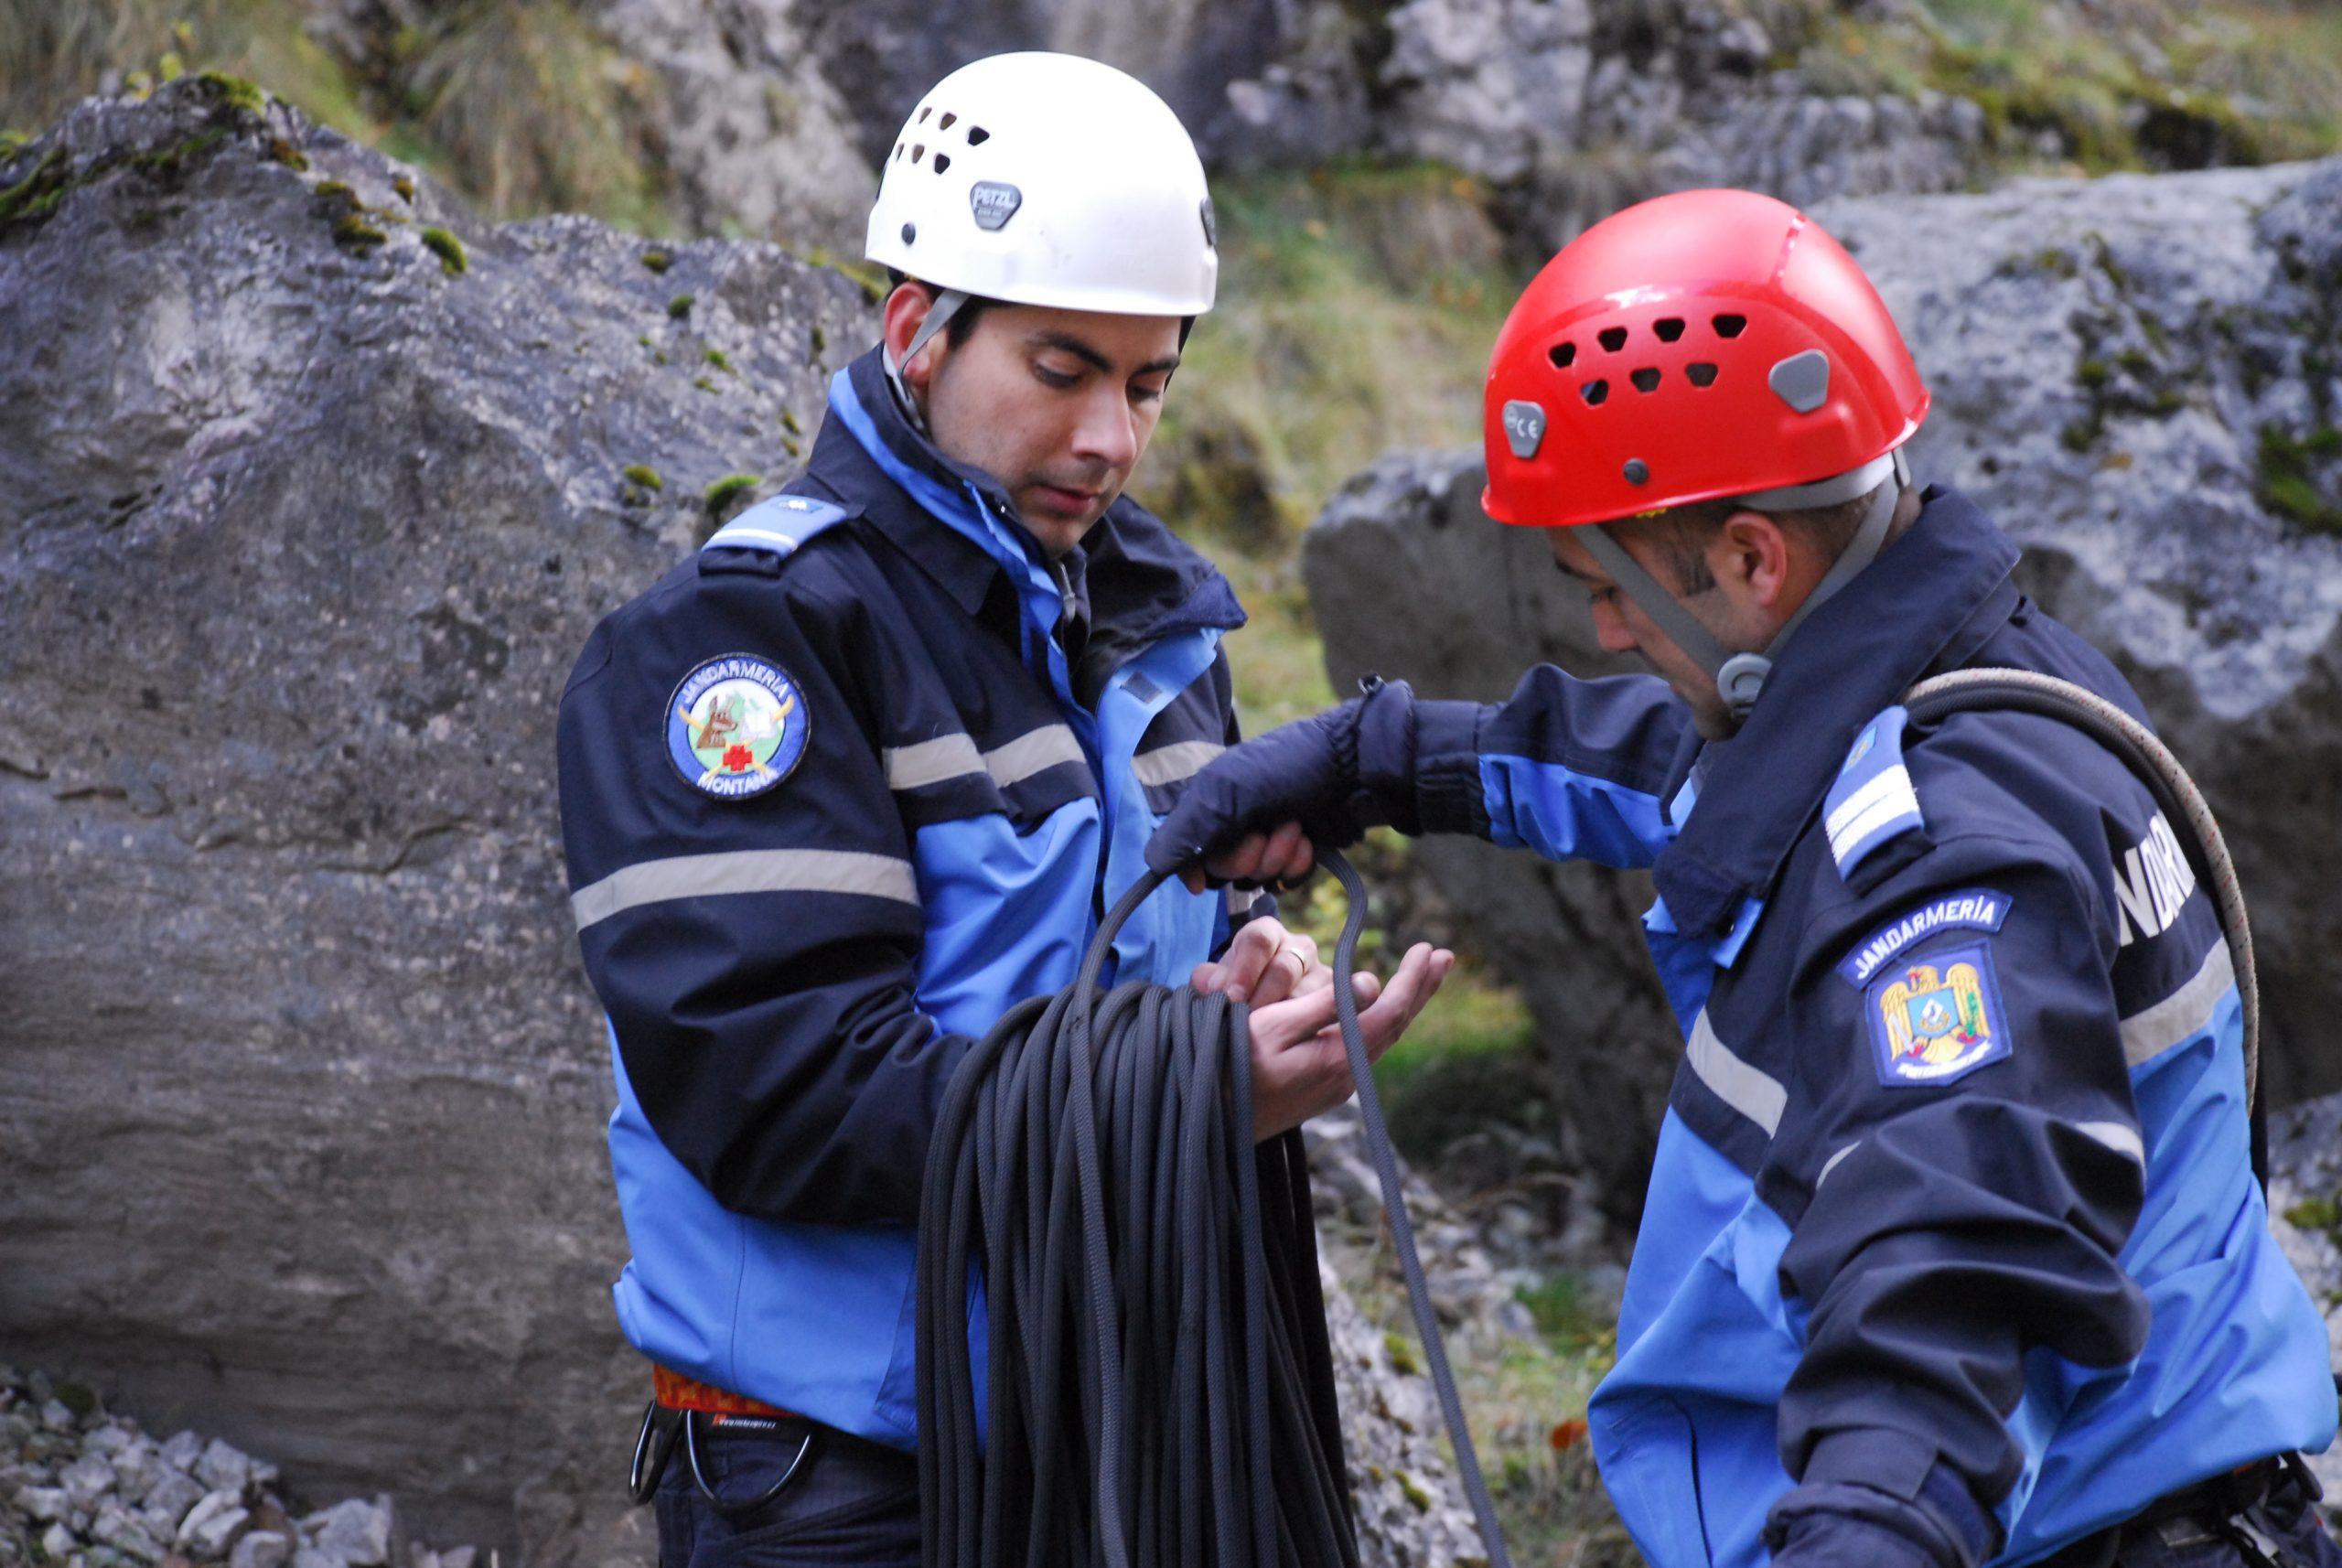 Jandarmii montani, acreditați pentru a interveni în salvarea persoanelor accidentate pe munte